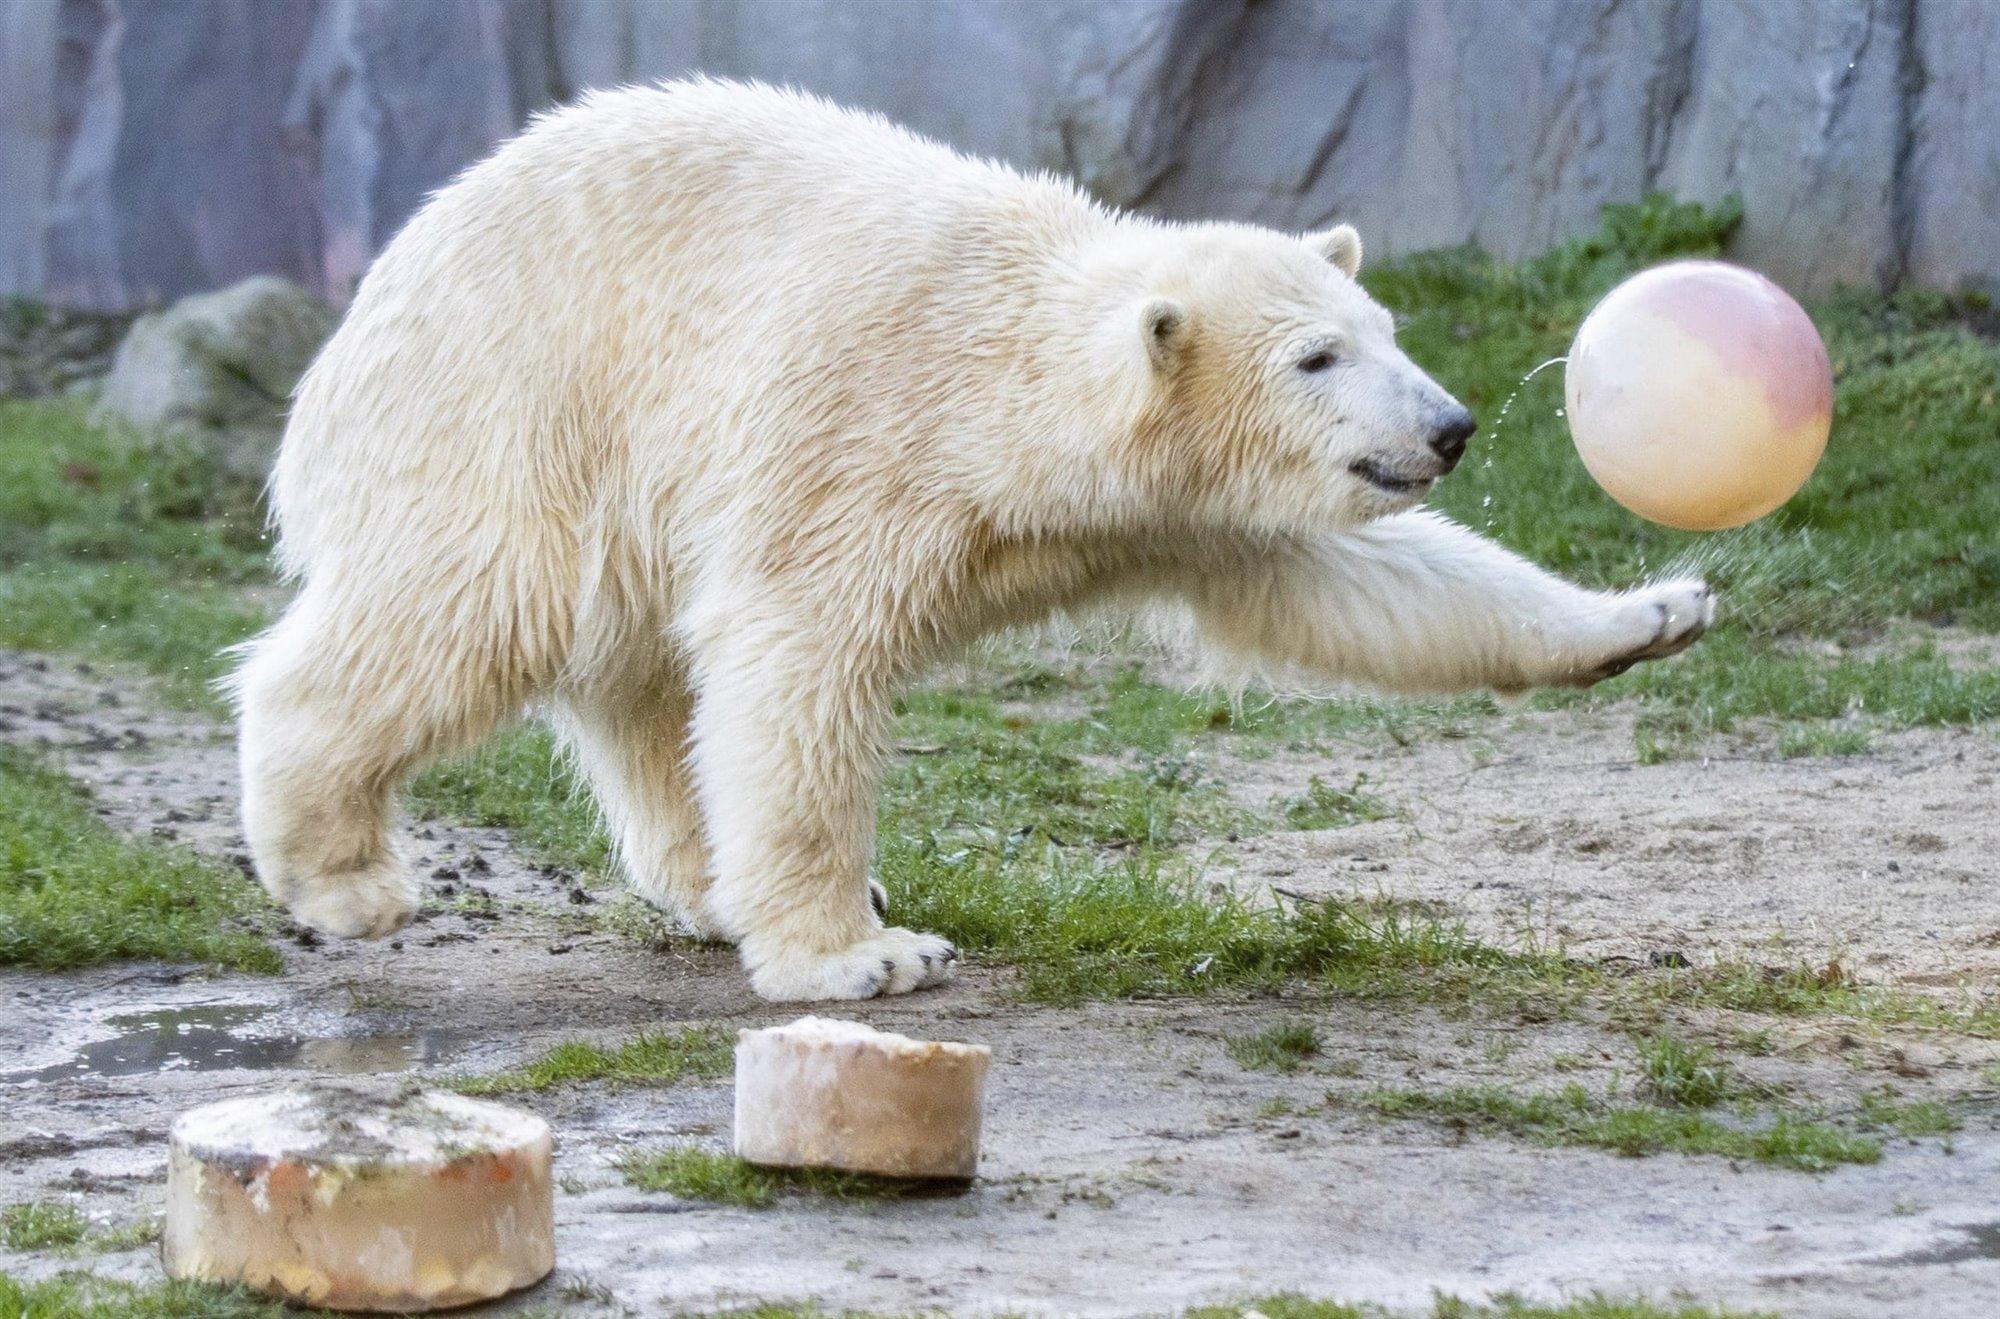 Imagenes De Osos Polares: Reportajes Y Fotografías De Osos En National Geographic